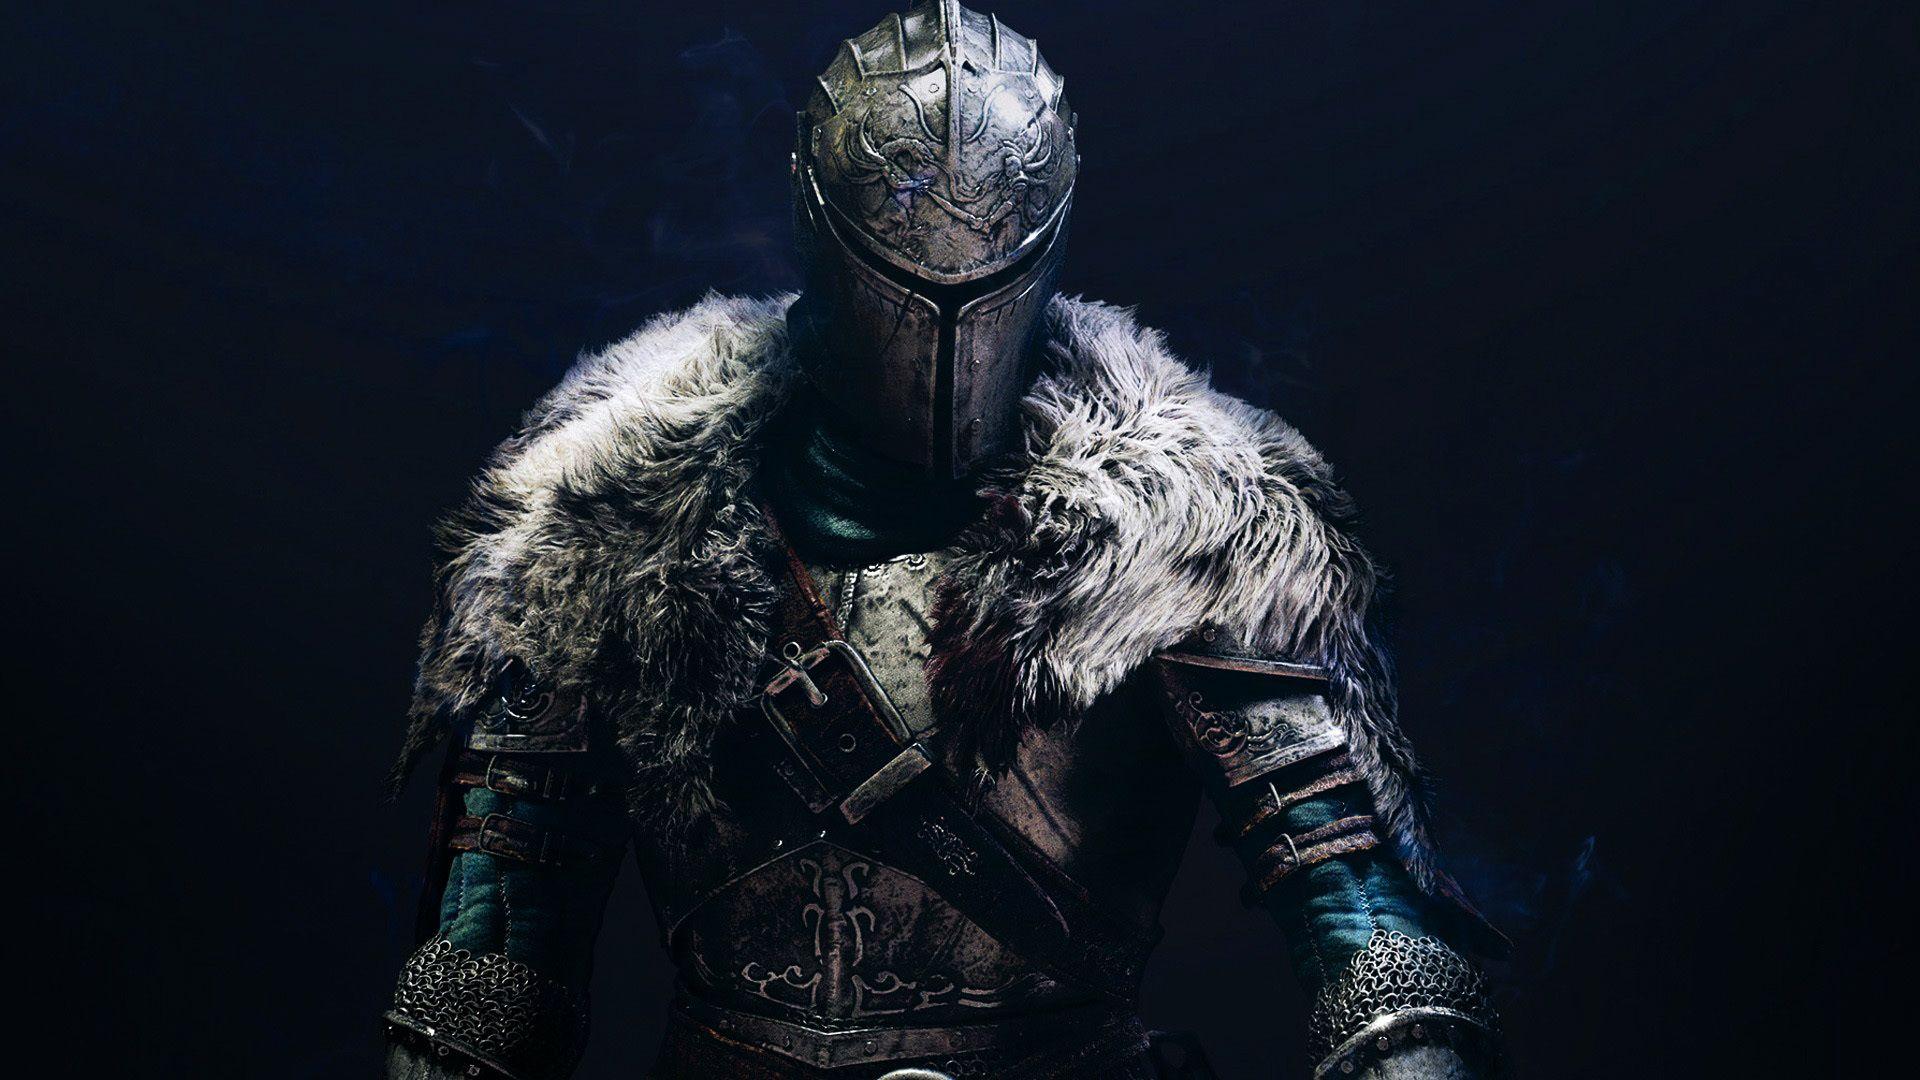 Dark Souls Art Dark Souls 2 Dark Souls Knight Armor